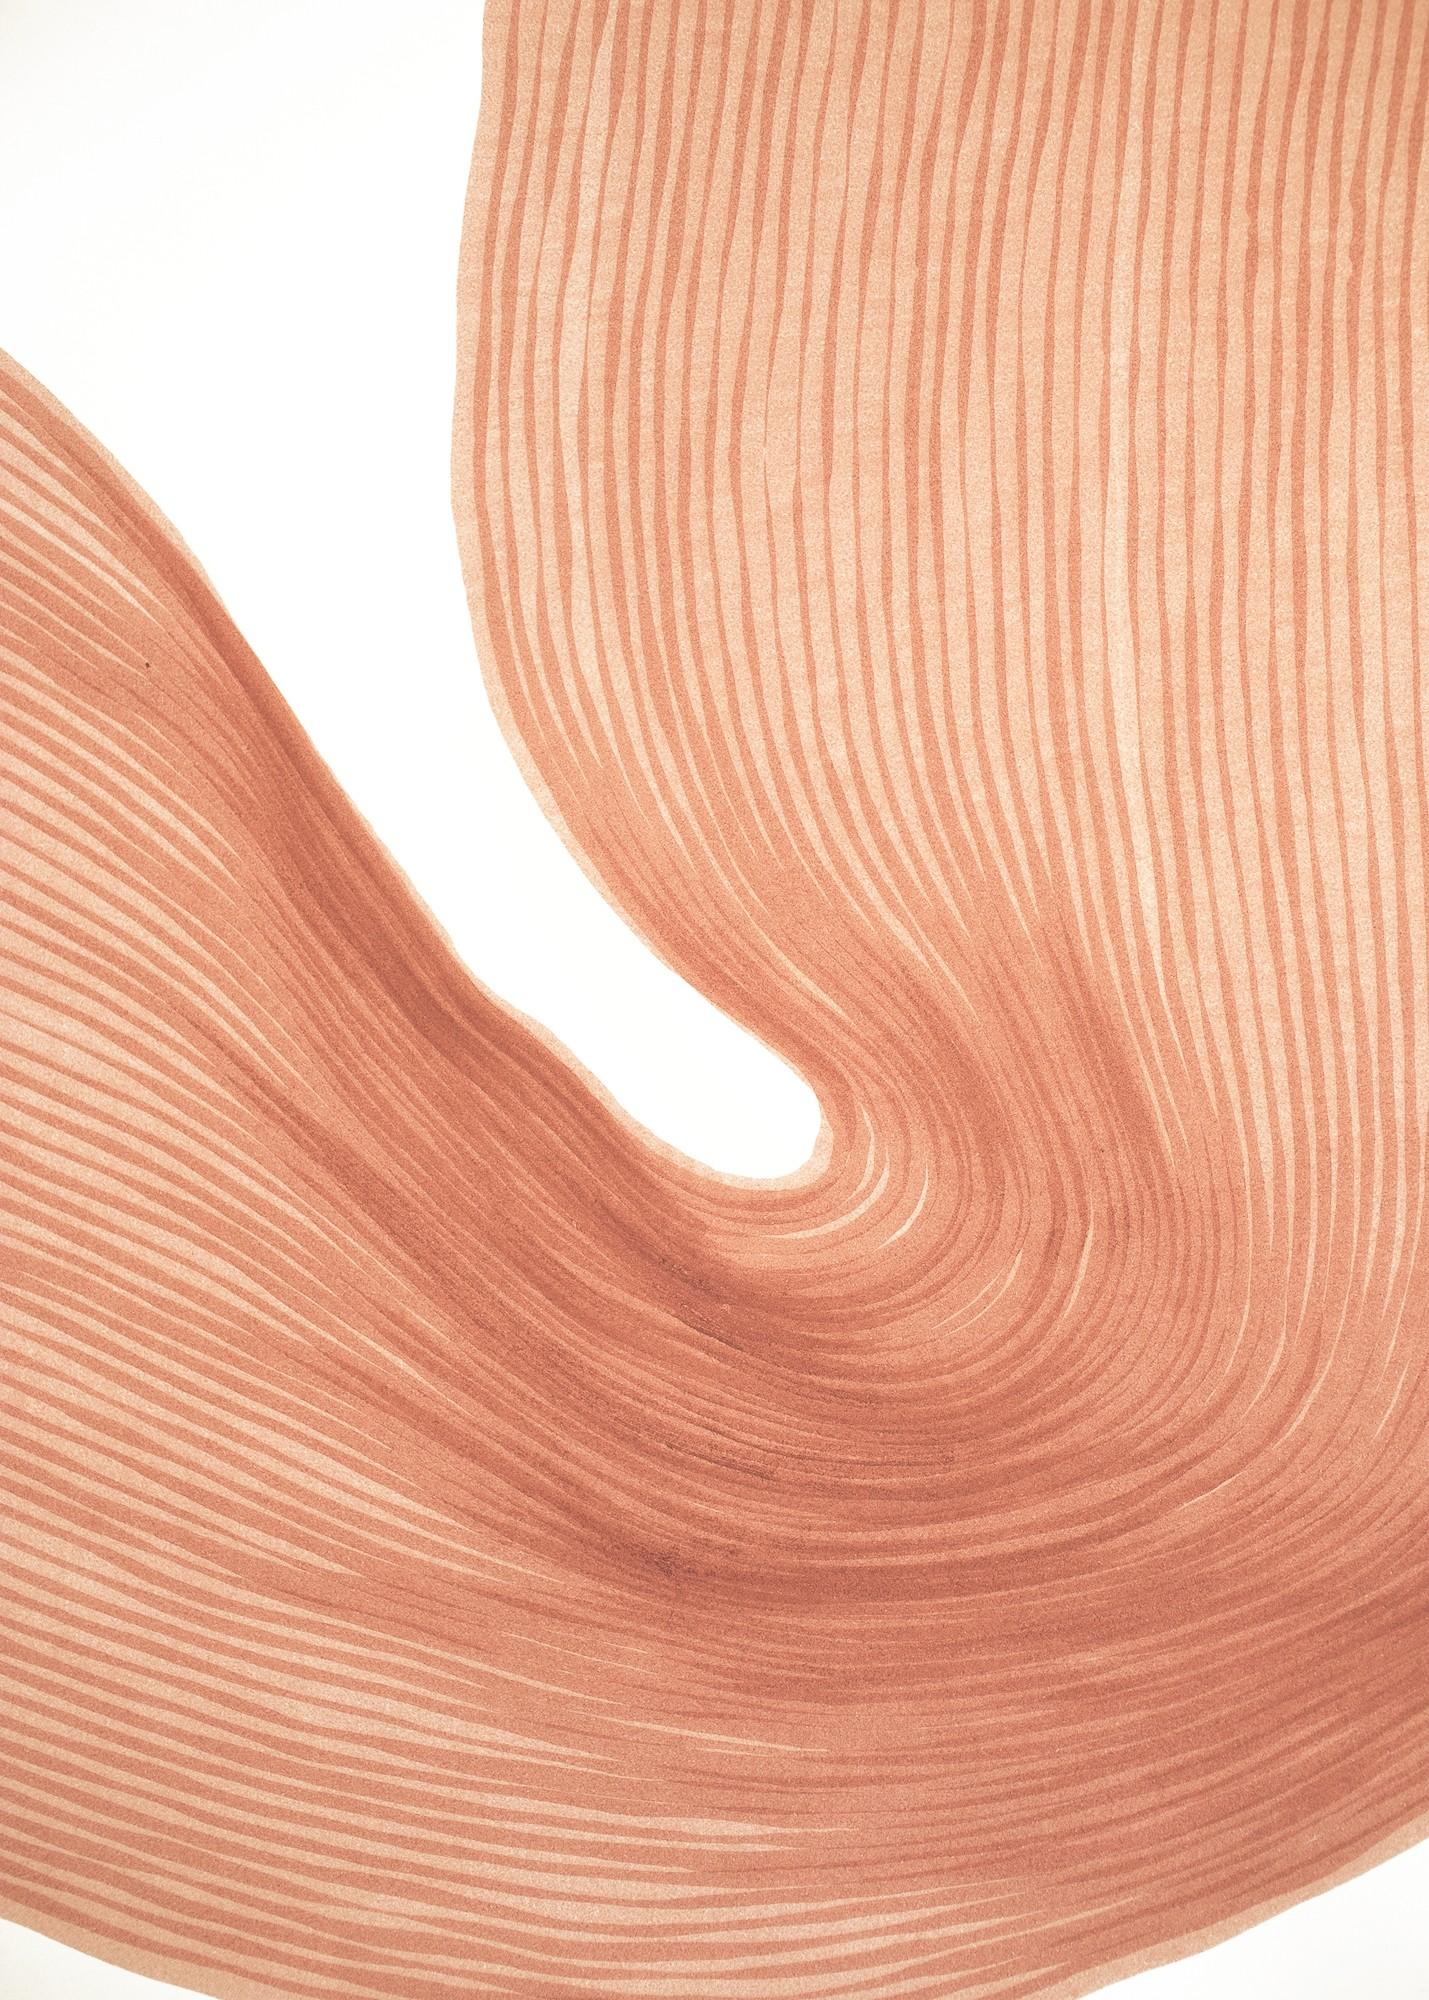 Melon Powder  | Lali Torma | Zeichnung | Kalligraphietusche auf Papier, Detail